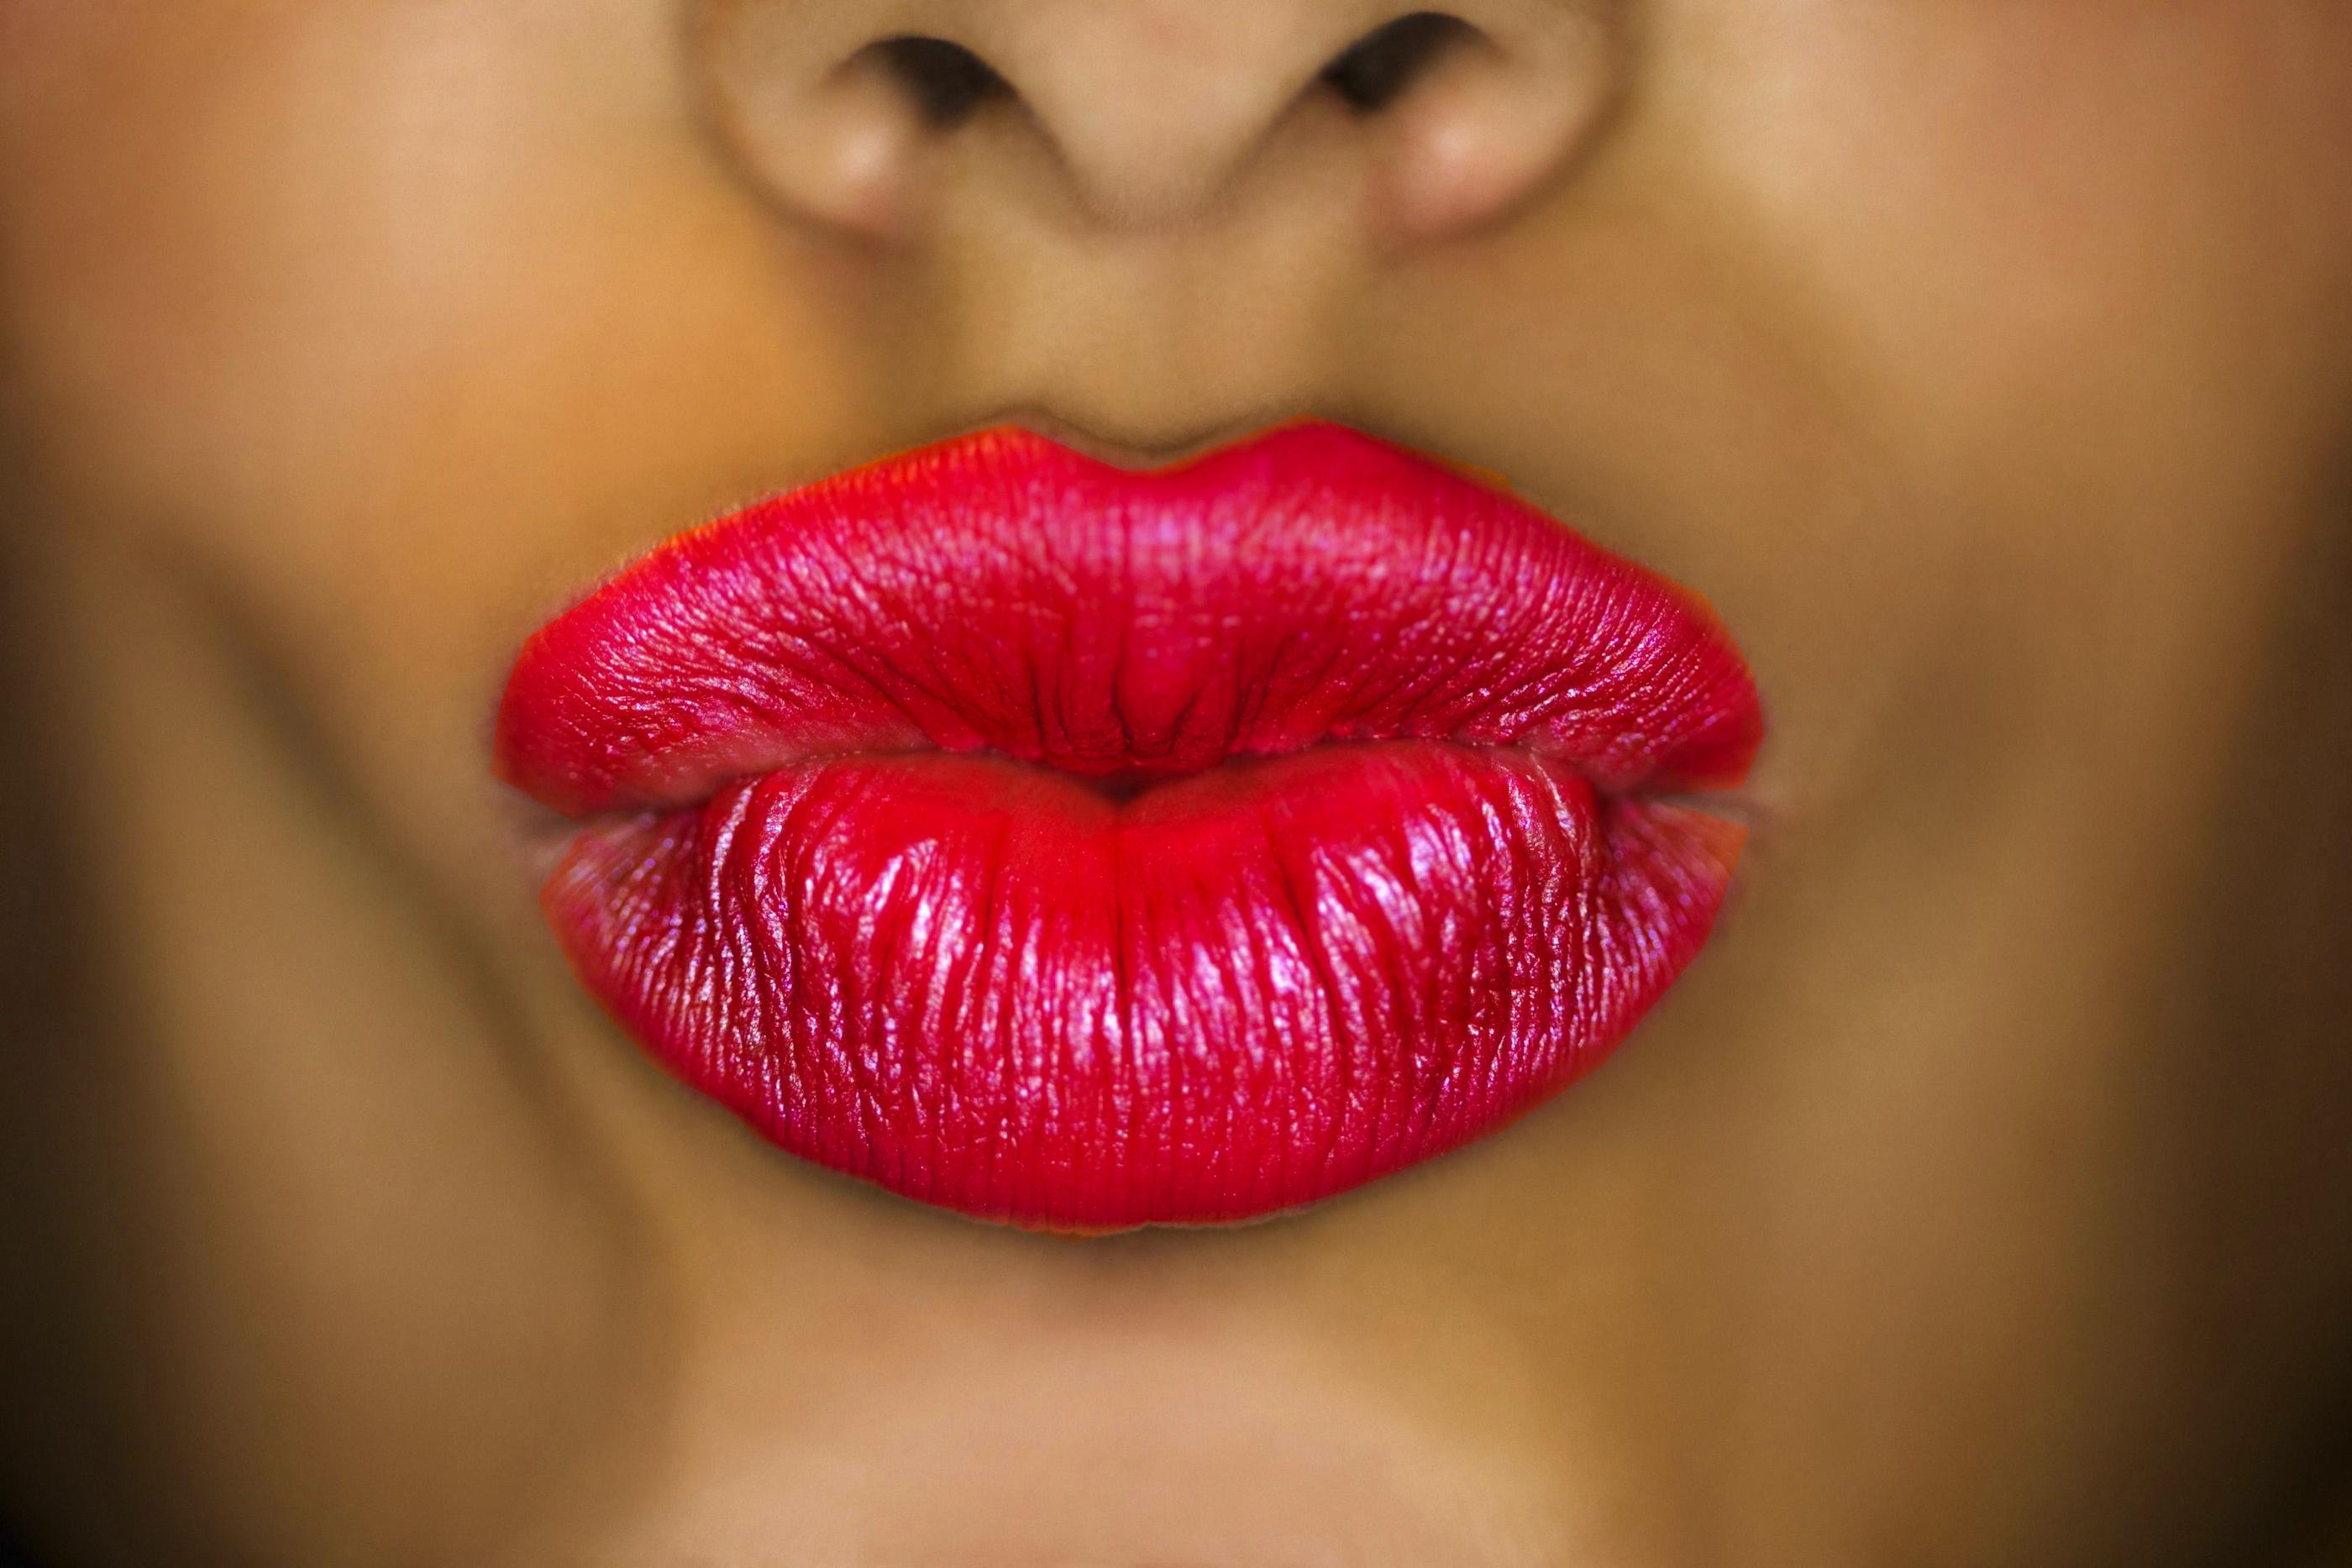 La bouche rouge toujours lovalinda - La femme a la bouche fendue ...